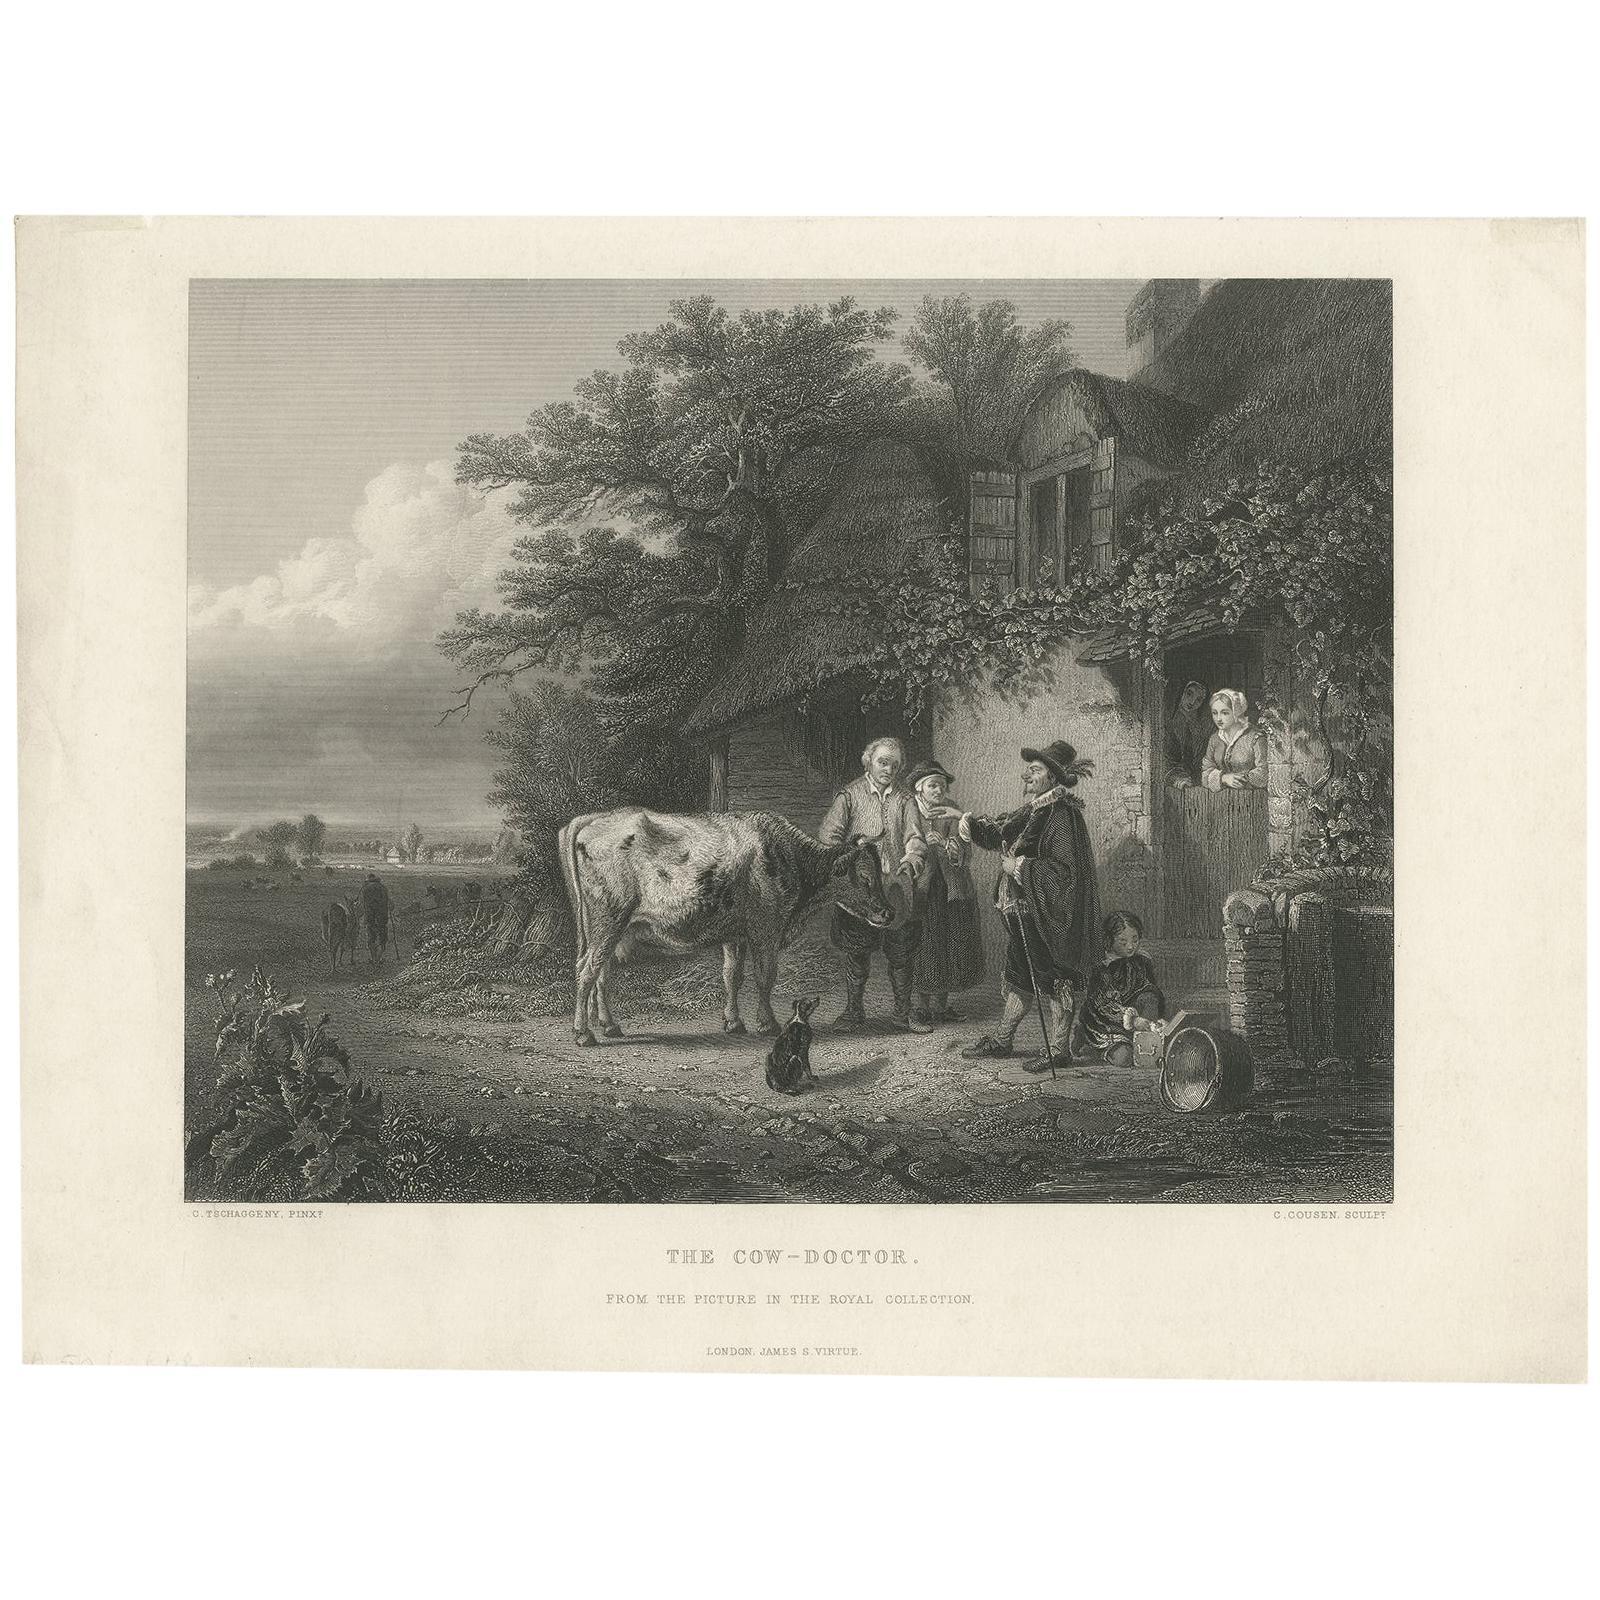 Antique Print of a Cow Doctor by Cousen, circa 1860